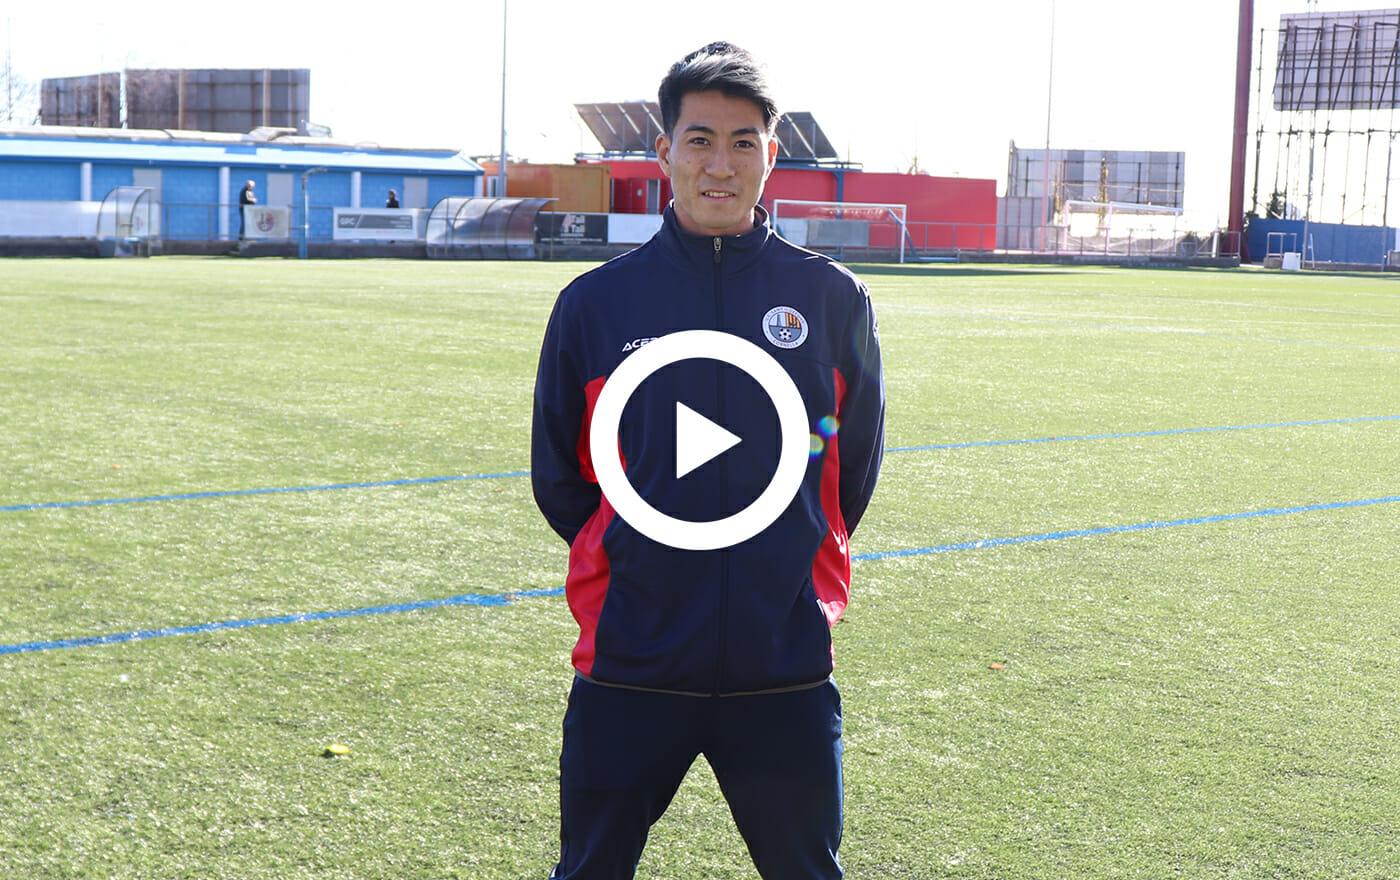 スペイン5部リーグUE Sant Ildefons/MF岸本青空